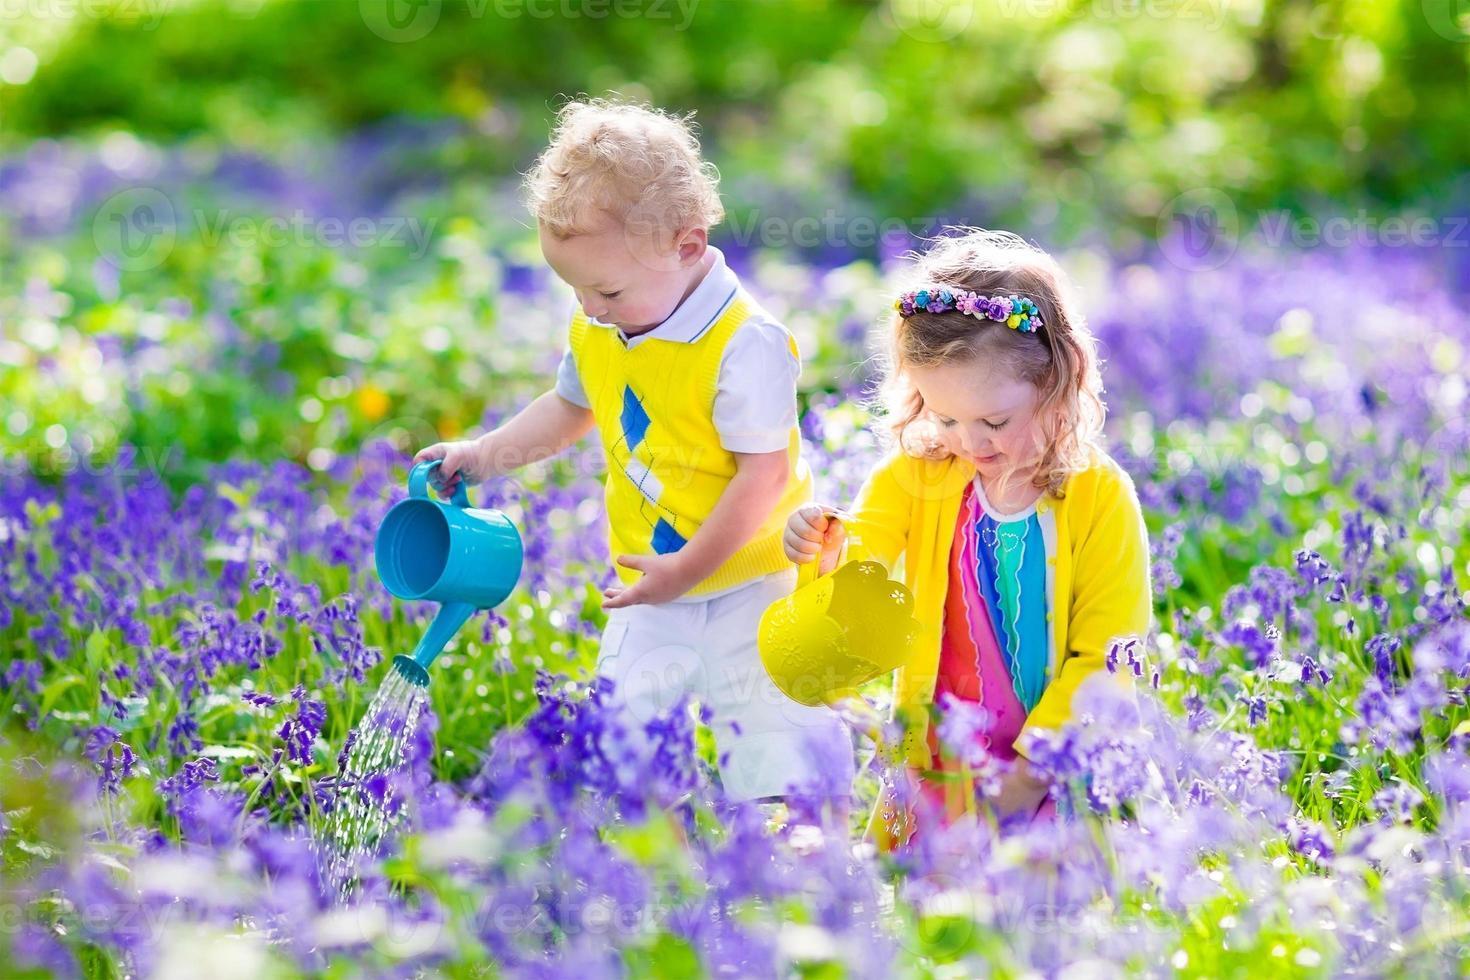 filhos adoráveis em um jardim com flores de bluebell foto